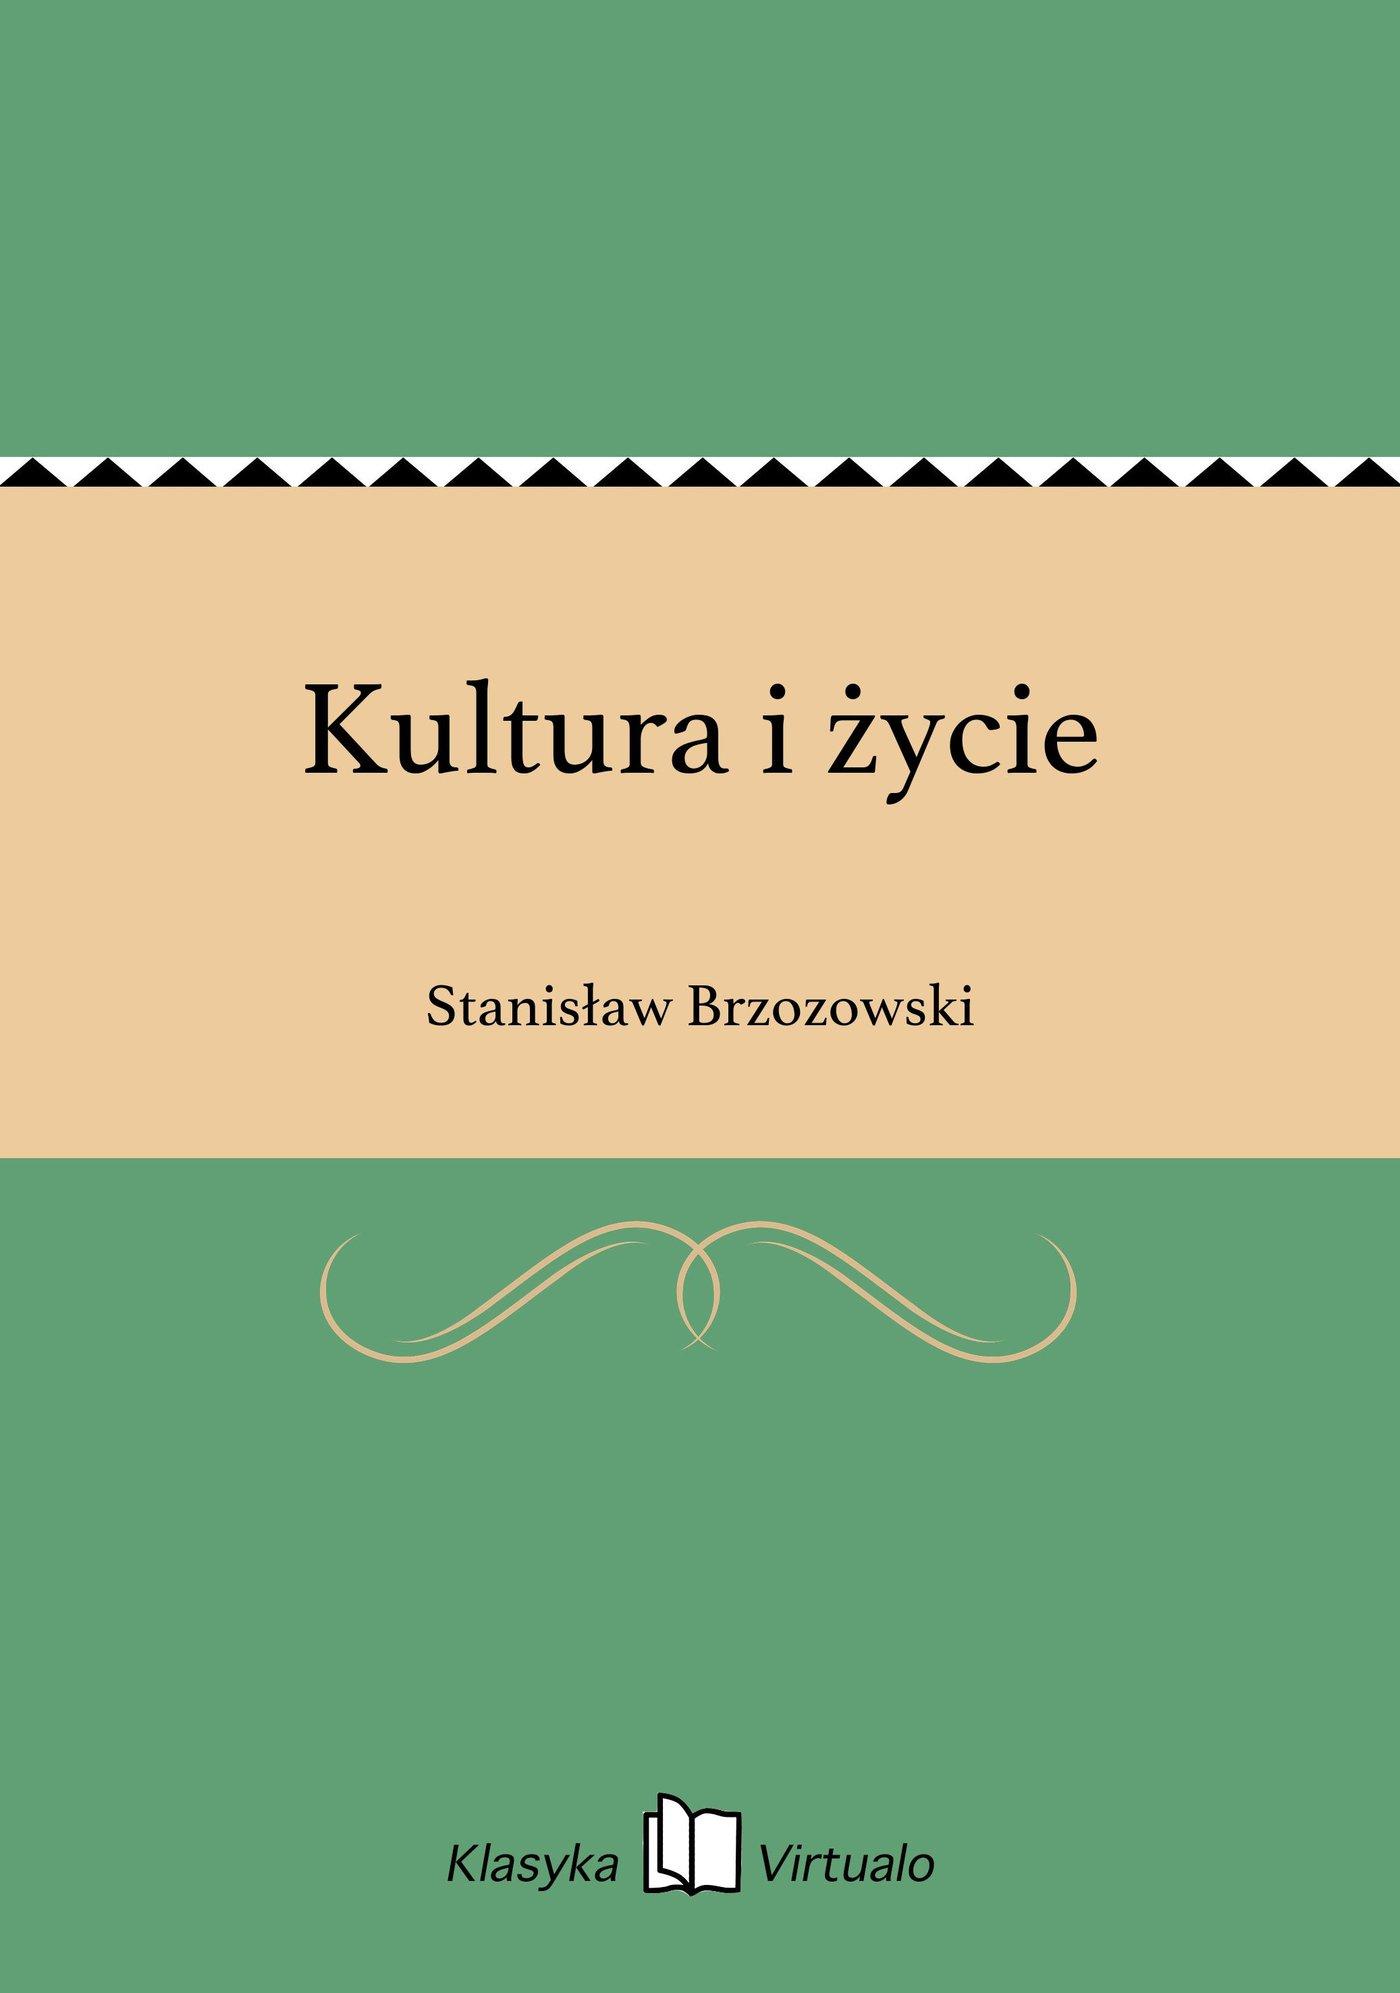 Kultura i życie - Ebook (Książka EPUB) do pobrania w formacie EPUB